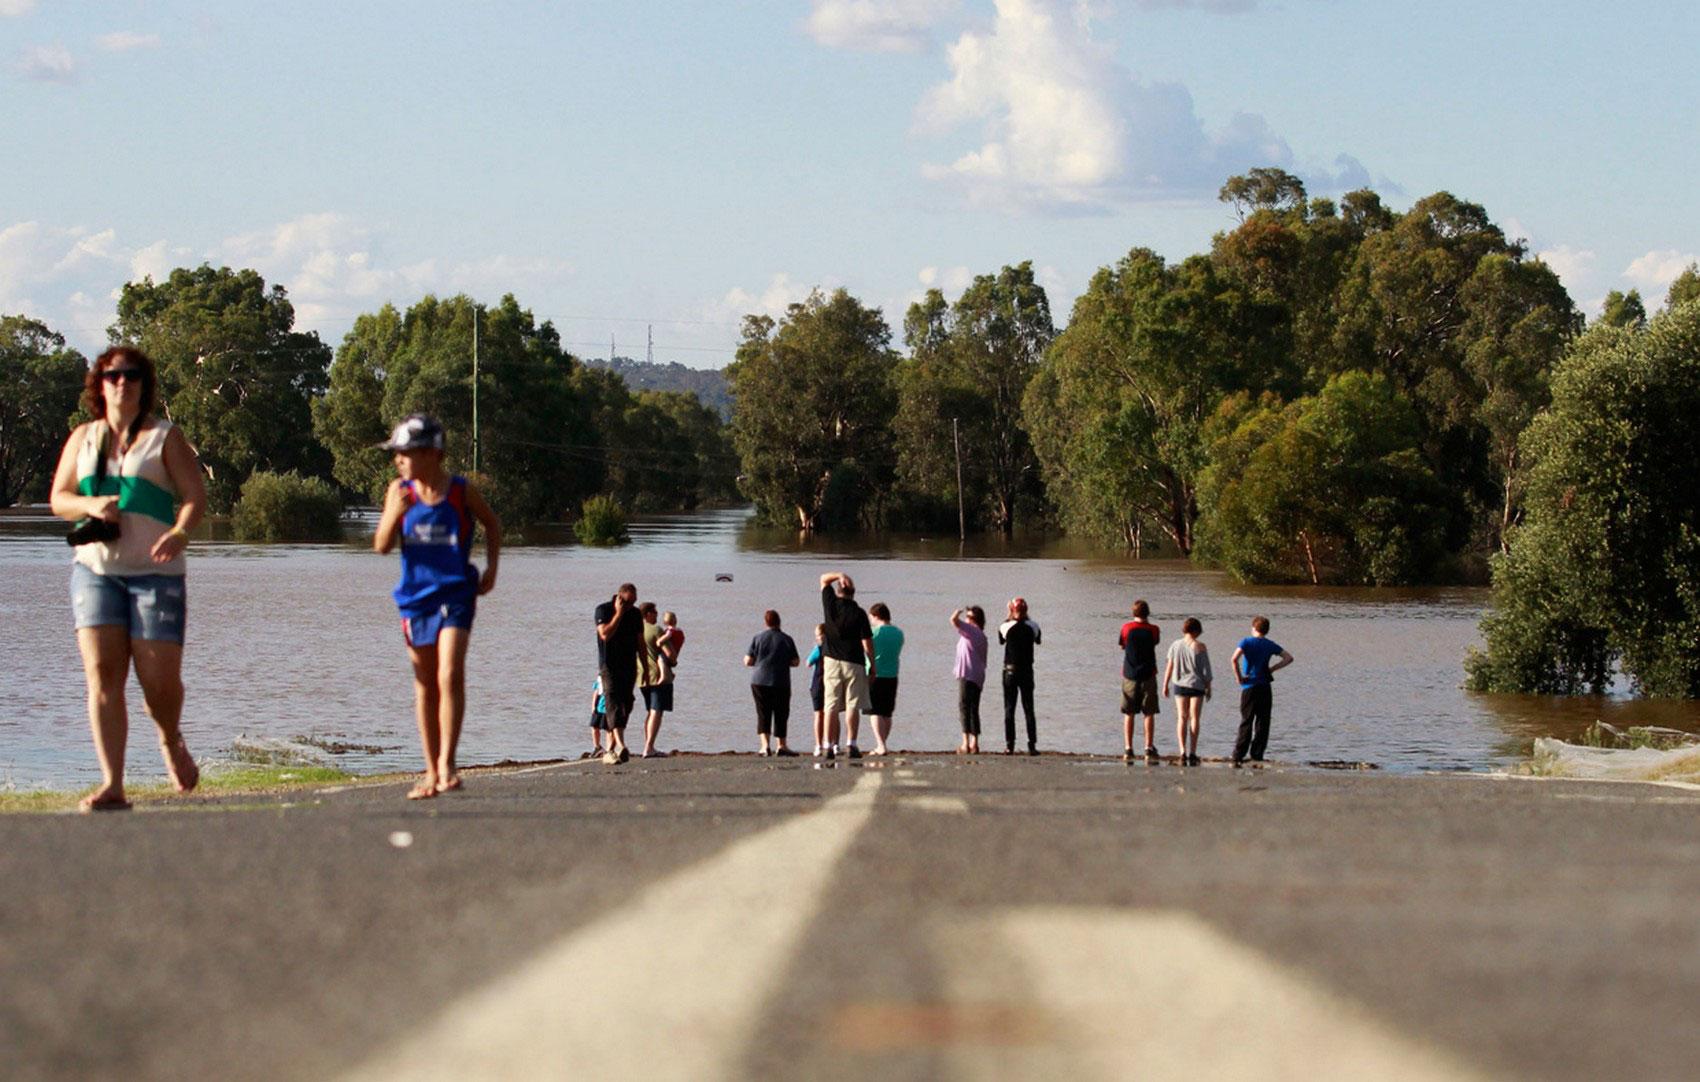 затопленная паводковыми водами дорога Австралии, фото